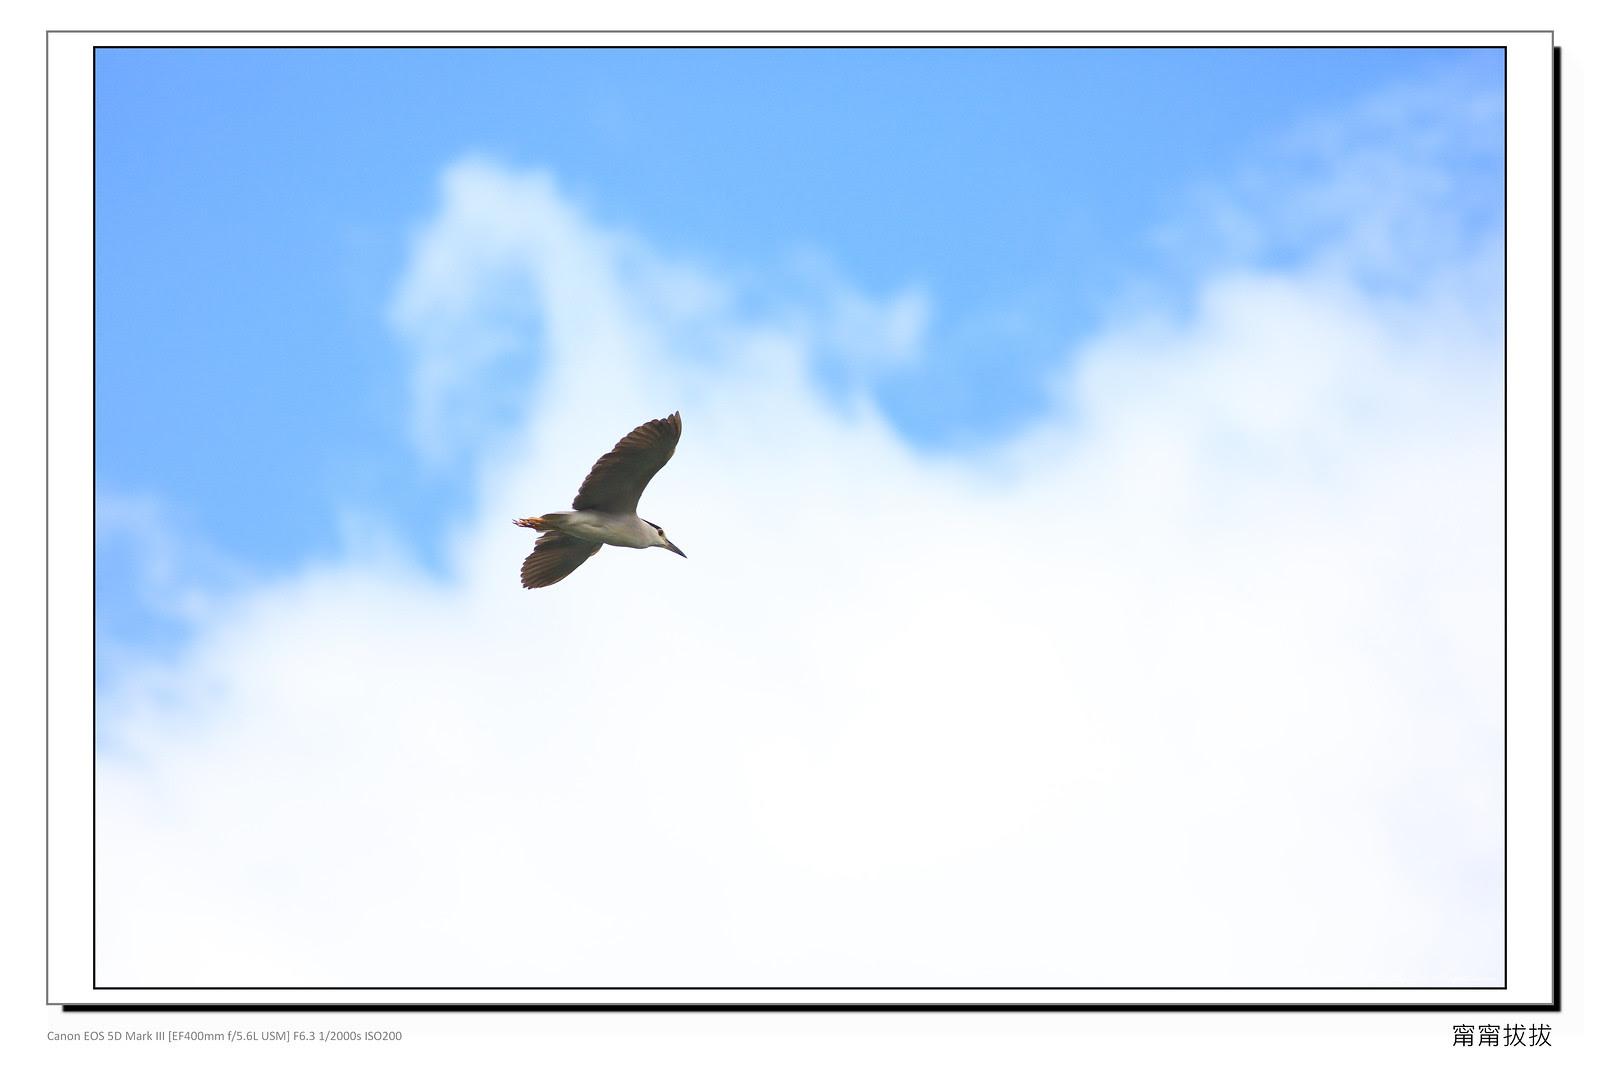 frame_BING6928